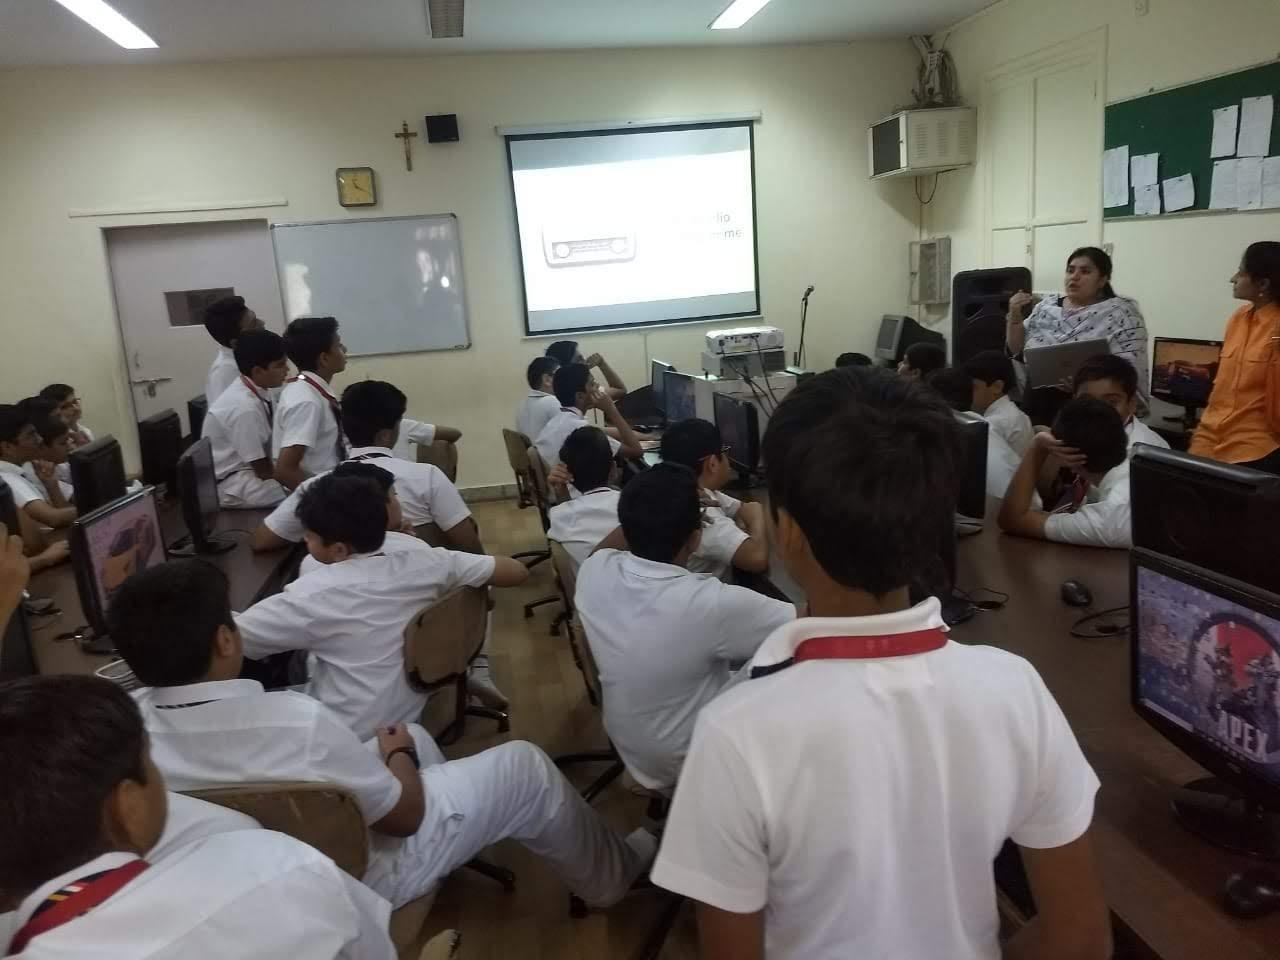 The Campion School, Colaba, Mumbai, India